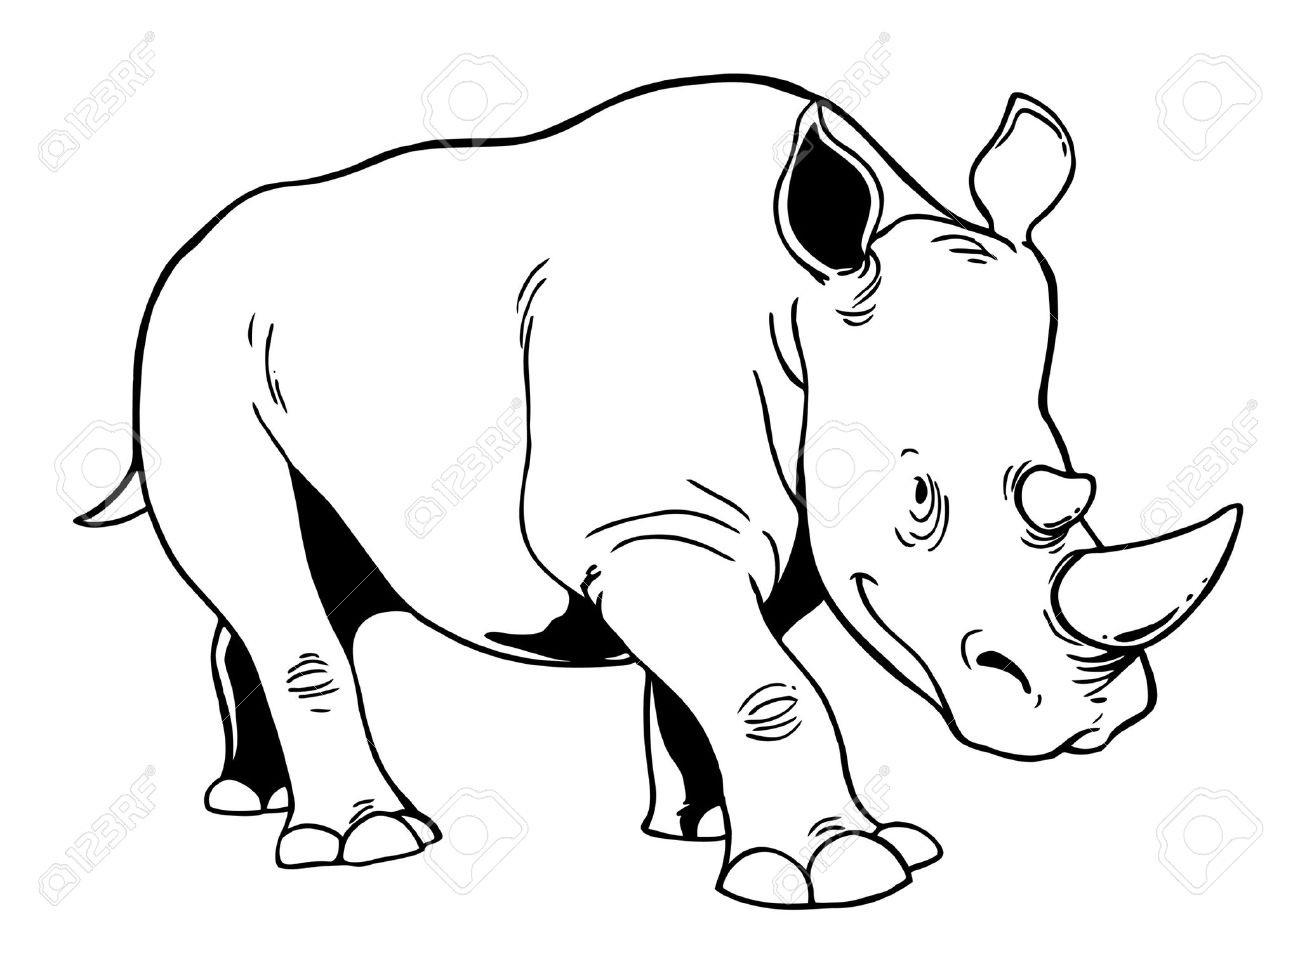 Black vs white rhino clipart picture library Rhino Clipart Black And White picture library